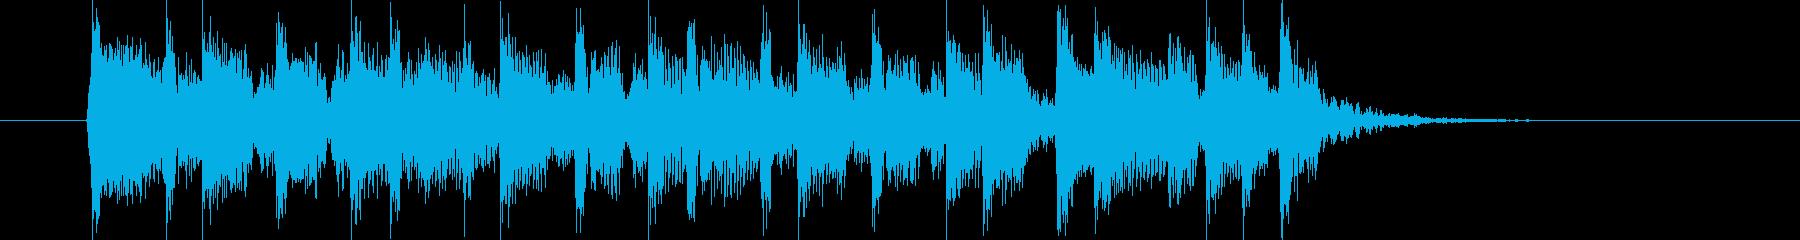 元気で明るいハネ感のある短い曲の再生済みの波形